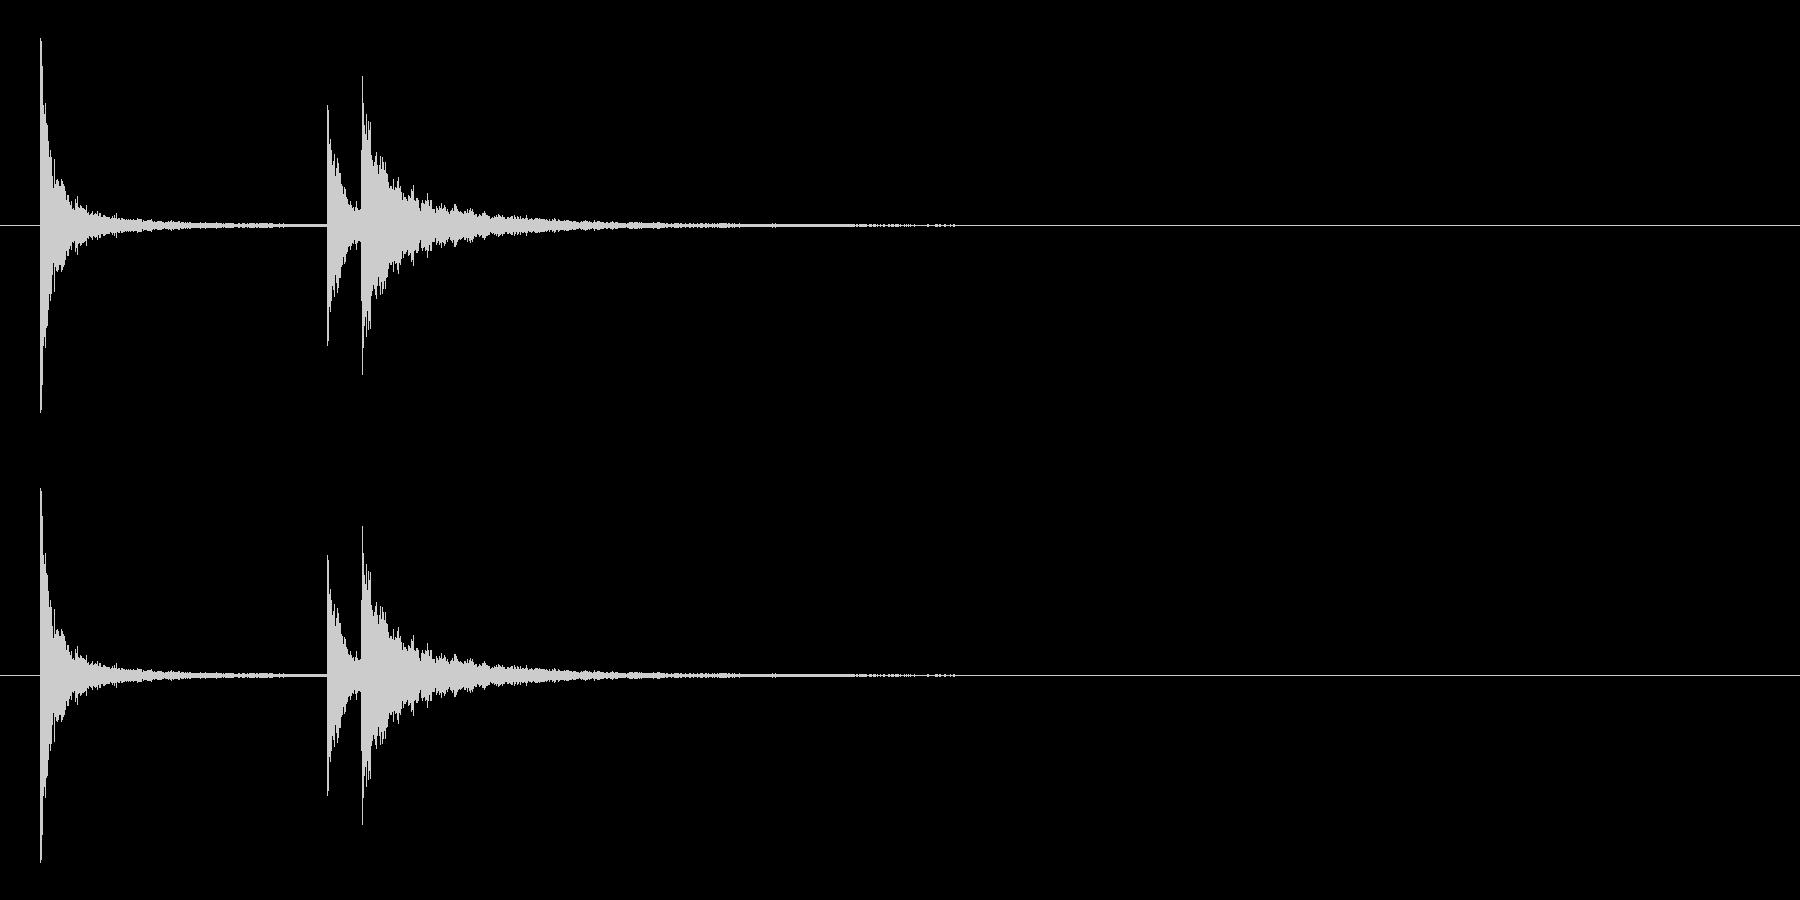 ホラー サスペンスなどの効果音に最適10の未再生の波形